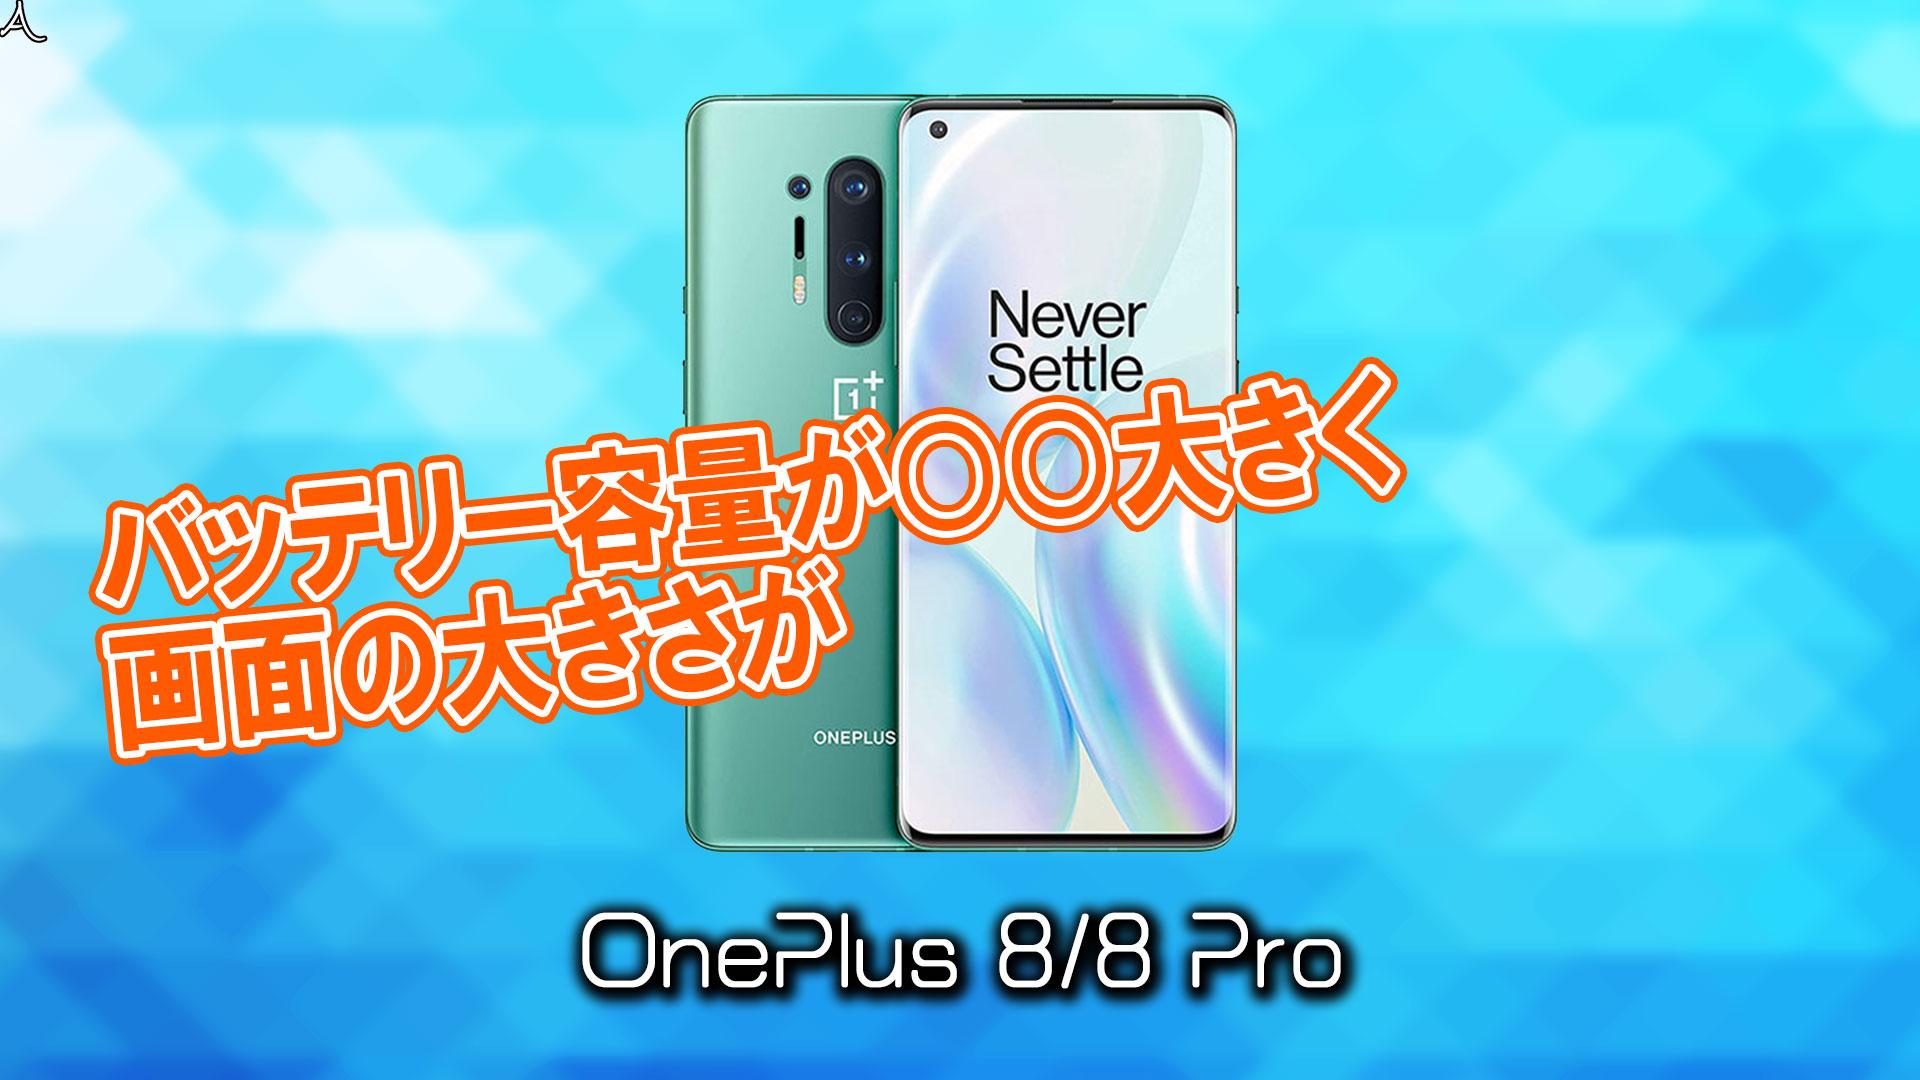 「OnePlus 8/8 Pro」のサイズや重さを他のスマホと細かく比較